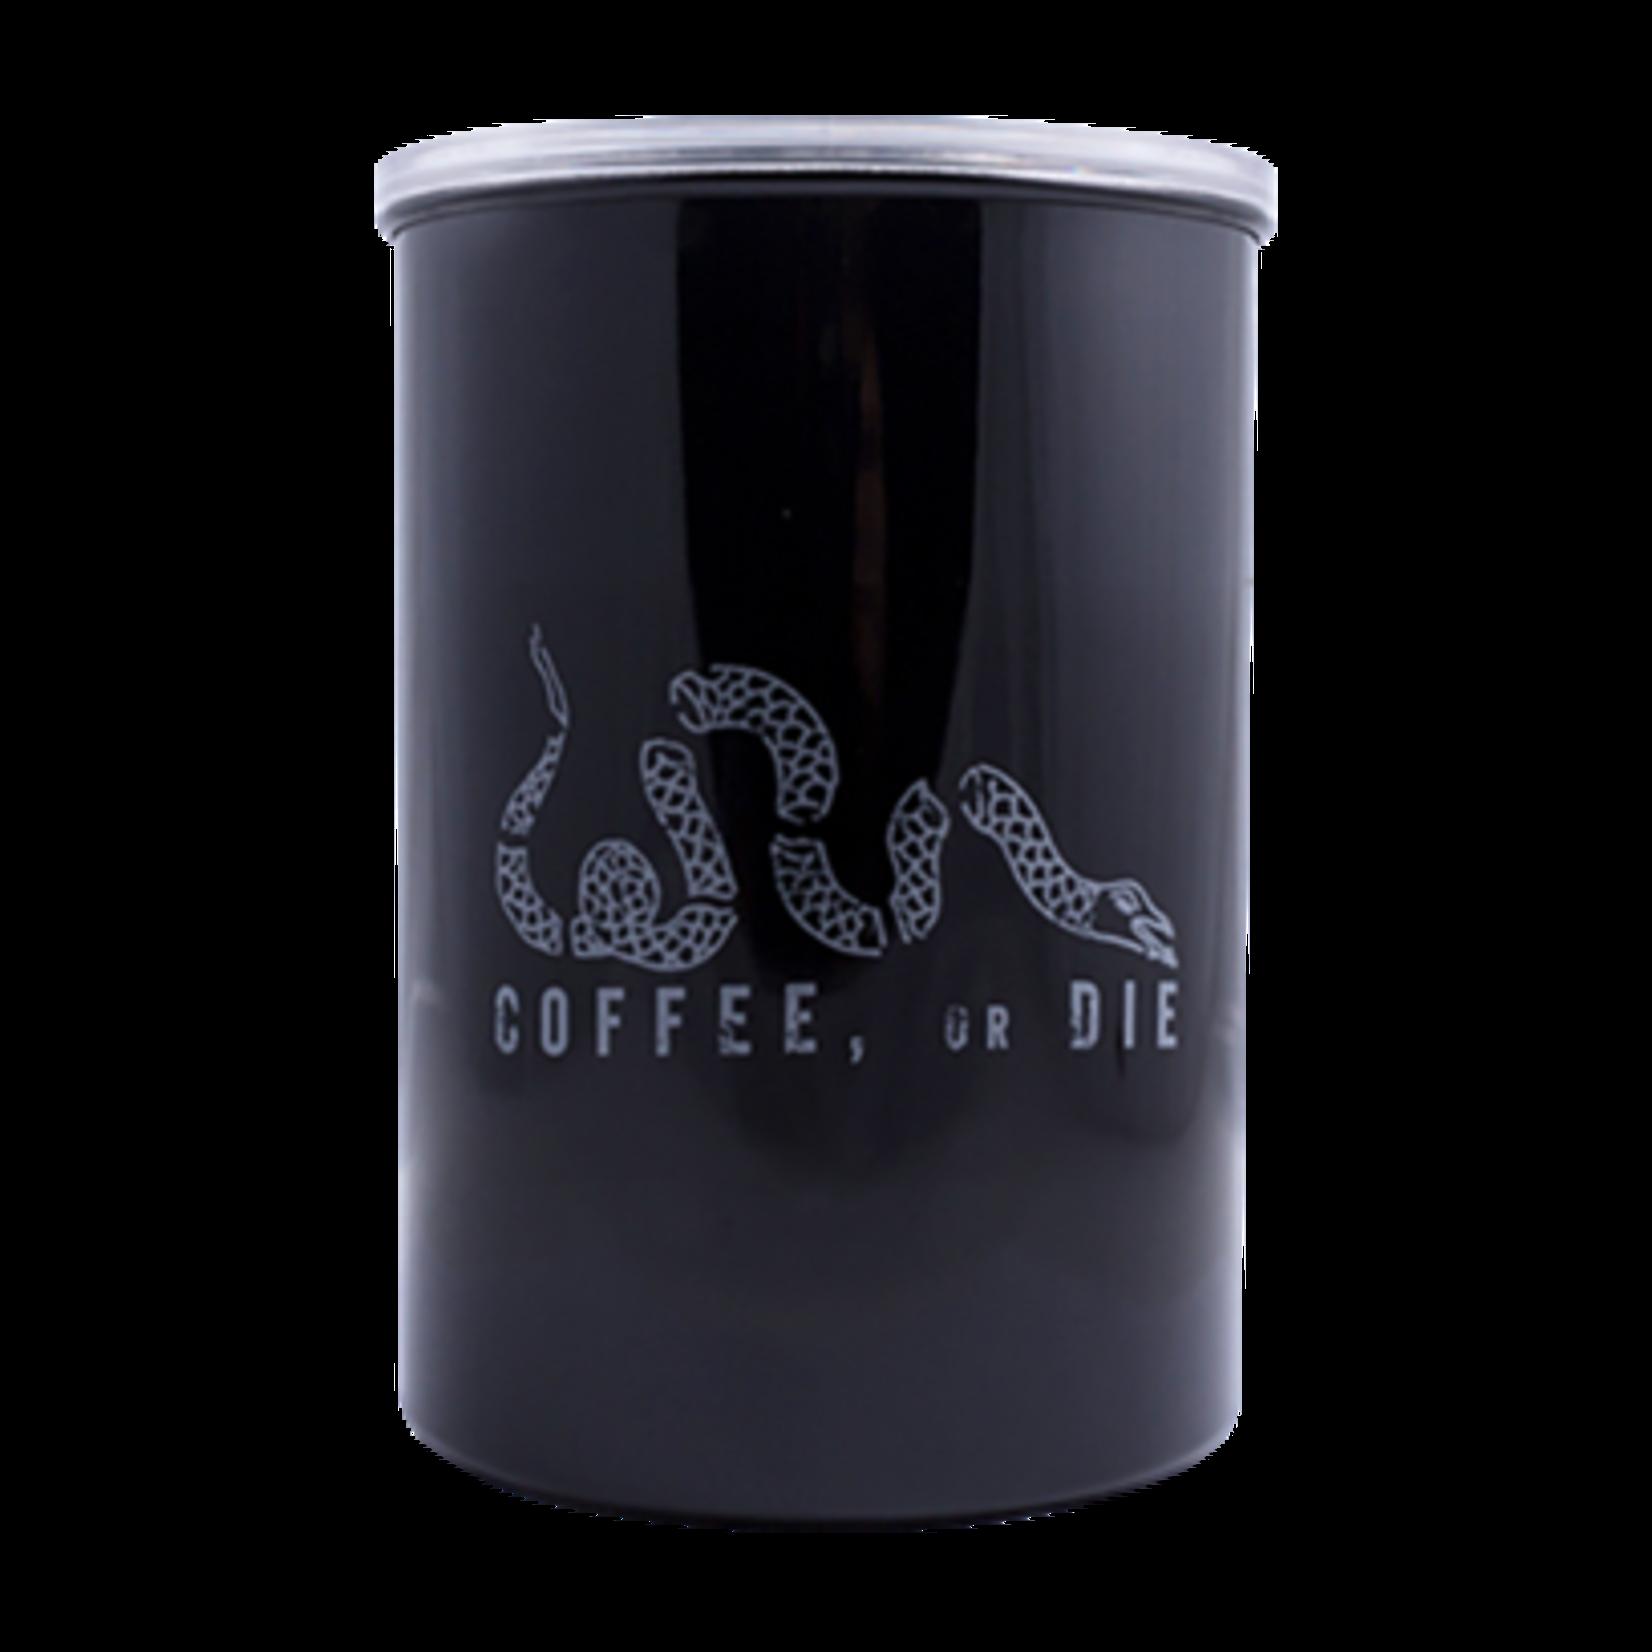 Black Rifle Coffee Black Rifle Coffee - Coffee, or Die Airtight Container - White Logo